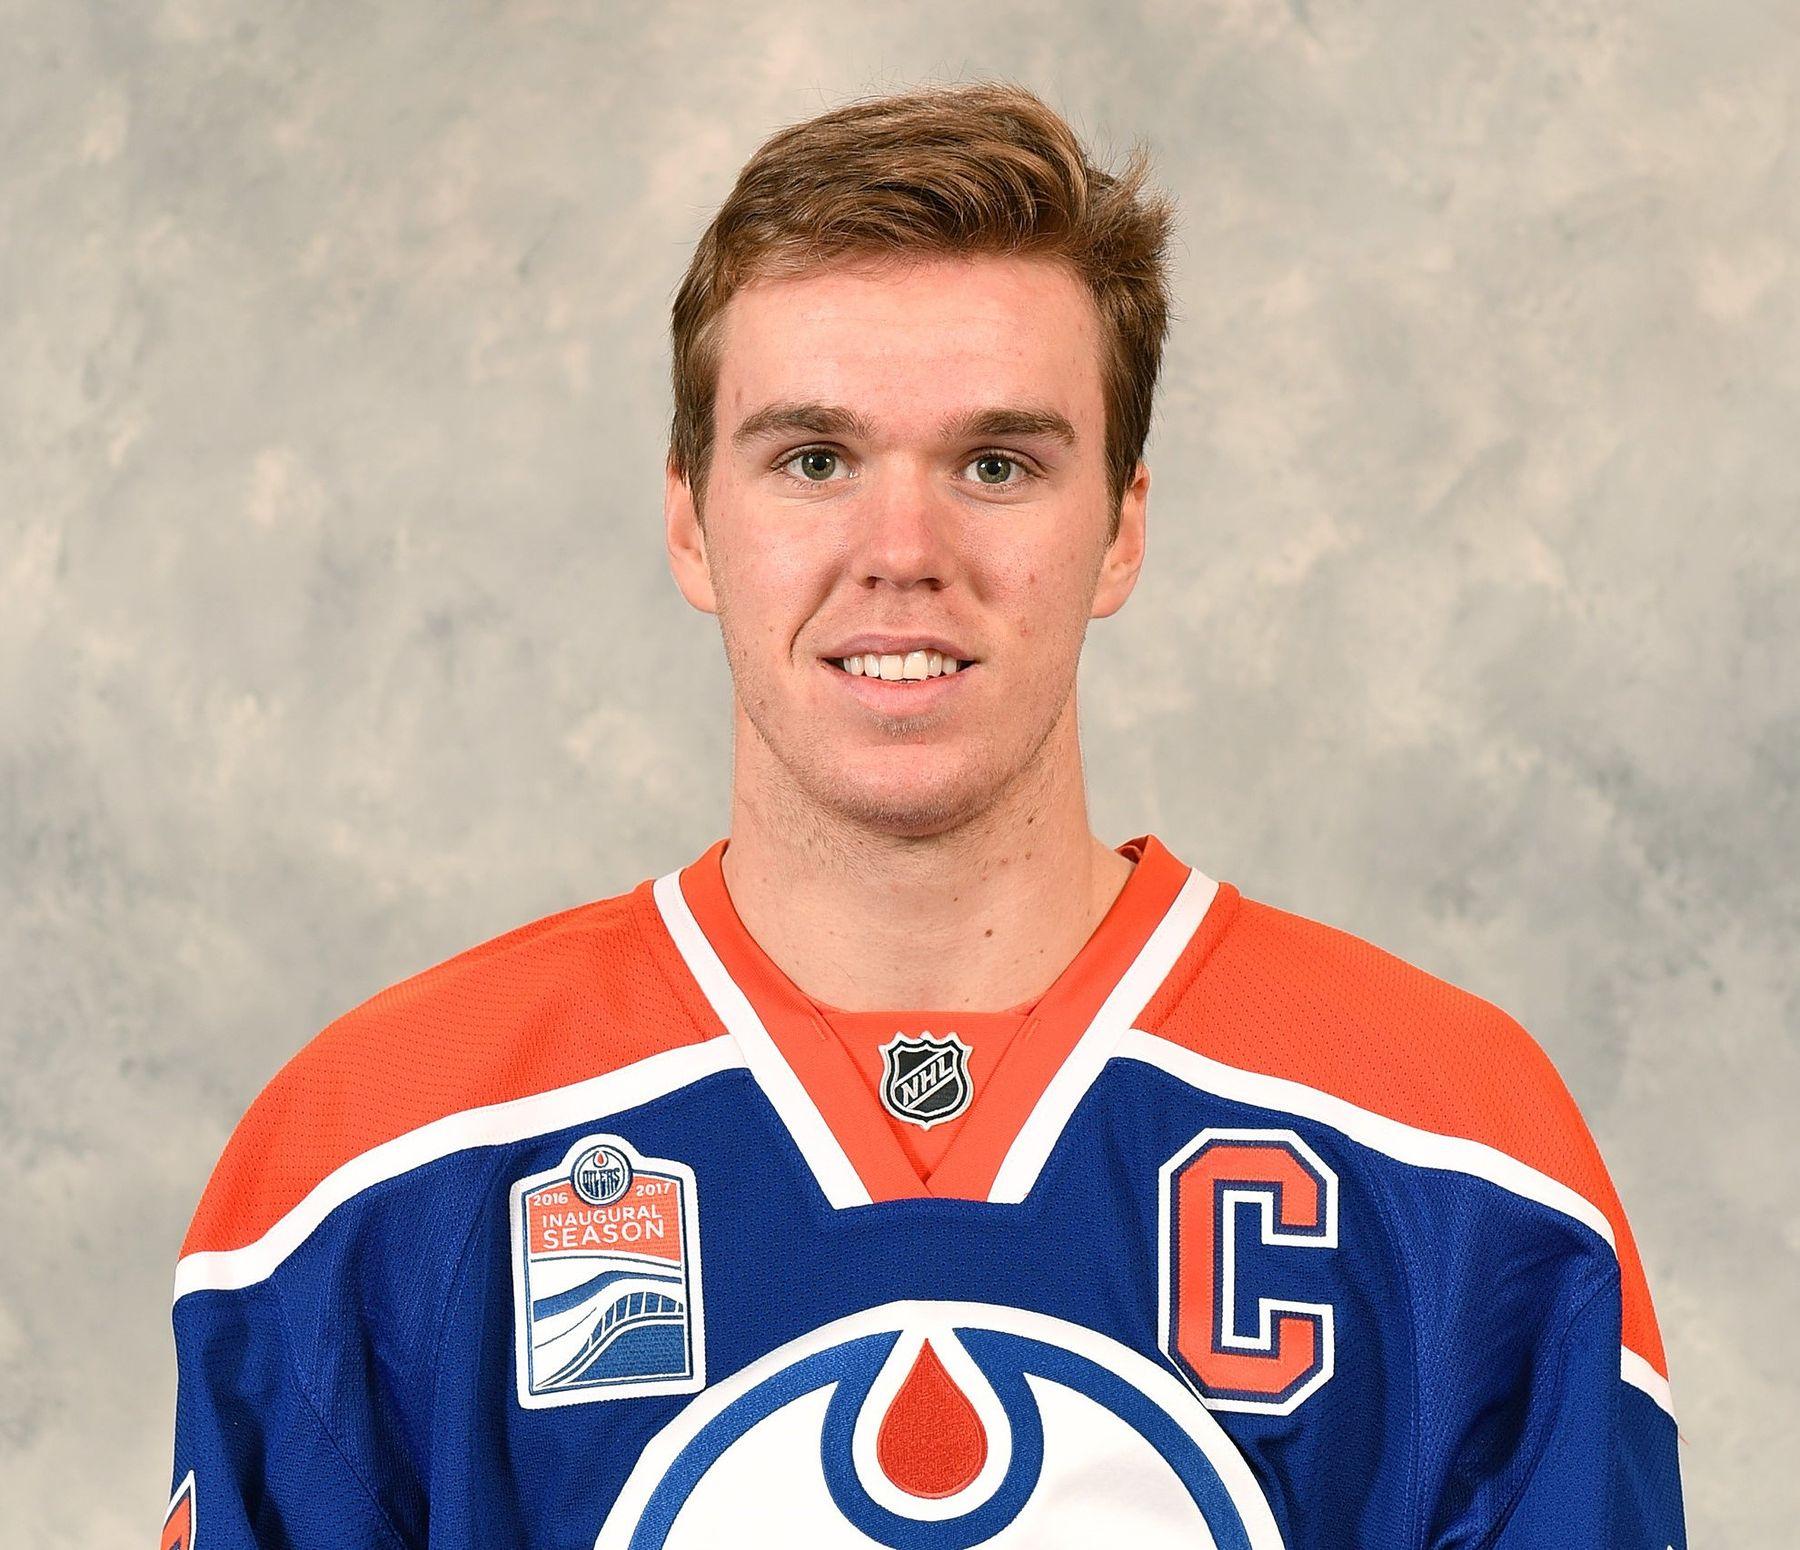 Kausiennakko 20 Vuotias Superthti Johtaa NHL Vallankumousta On Astumassa Uuteen Aikaan